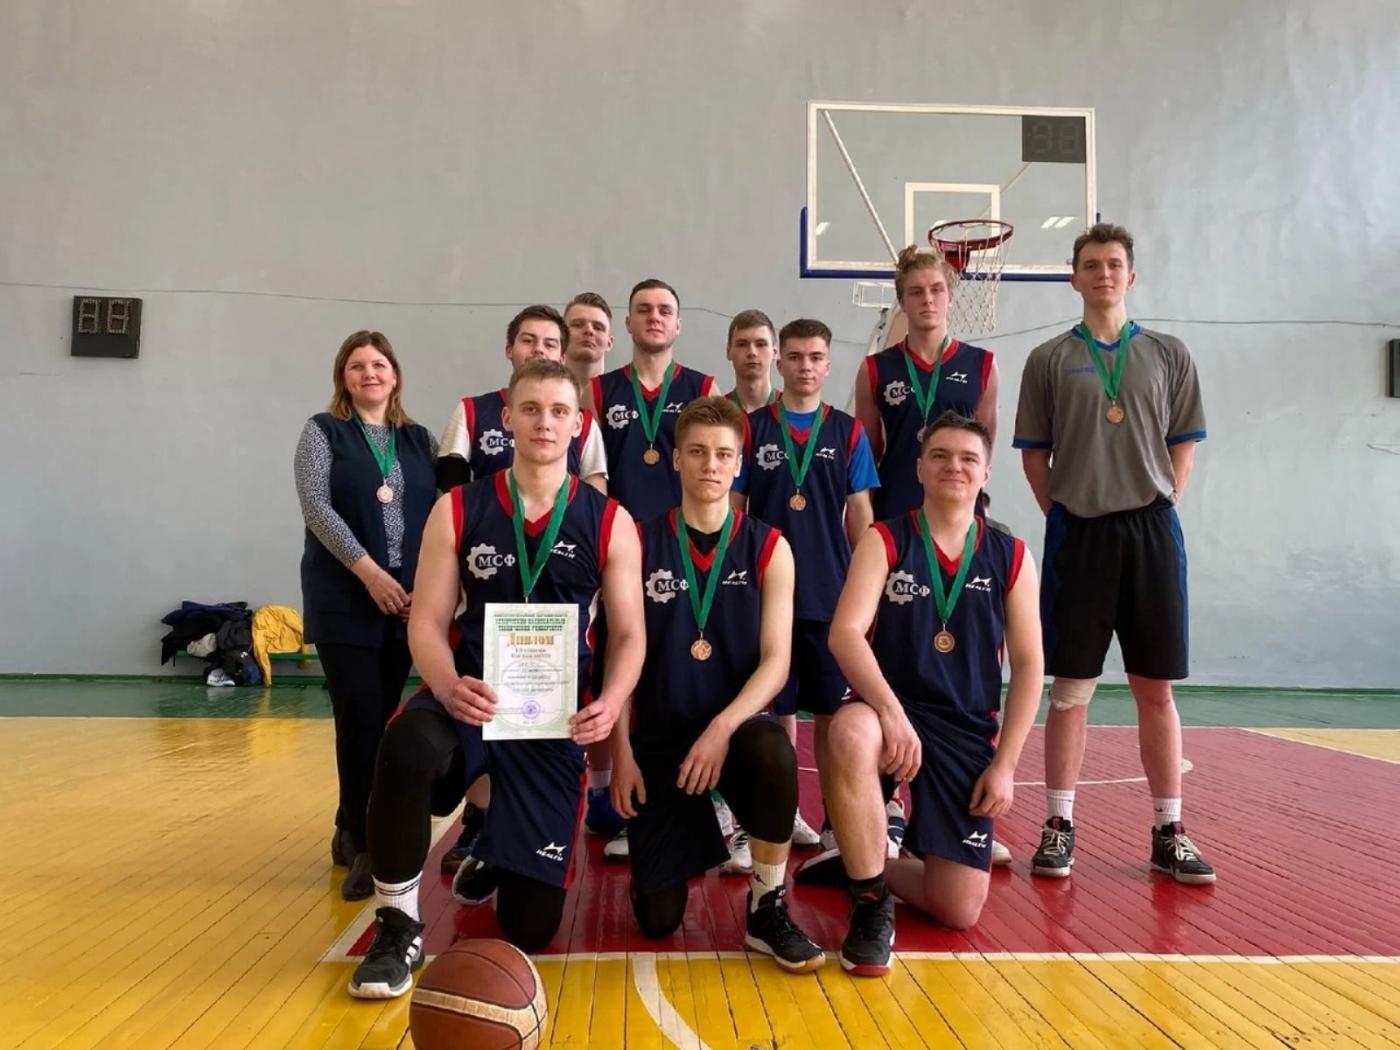 Еще одна медаль: в БНТУ прошла студенческая спартакиада 2020-2021 года по баскетболу среди факультетов